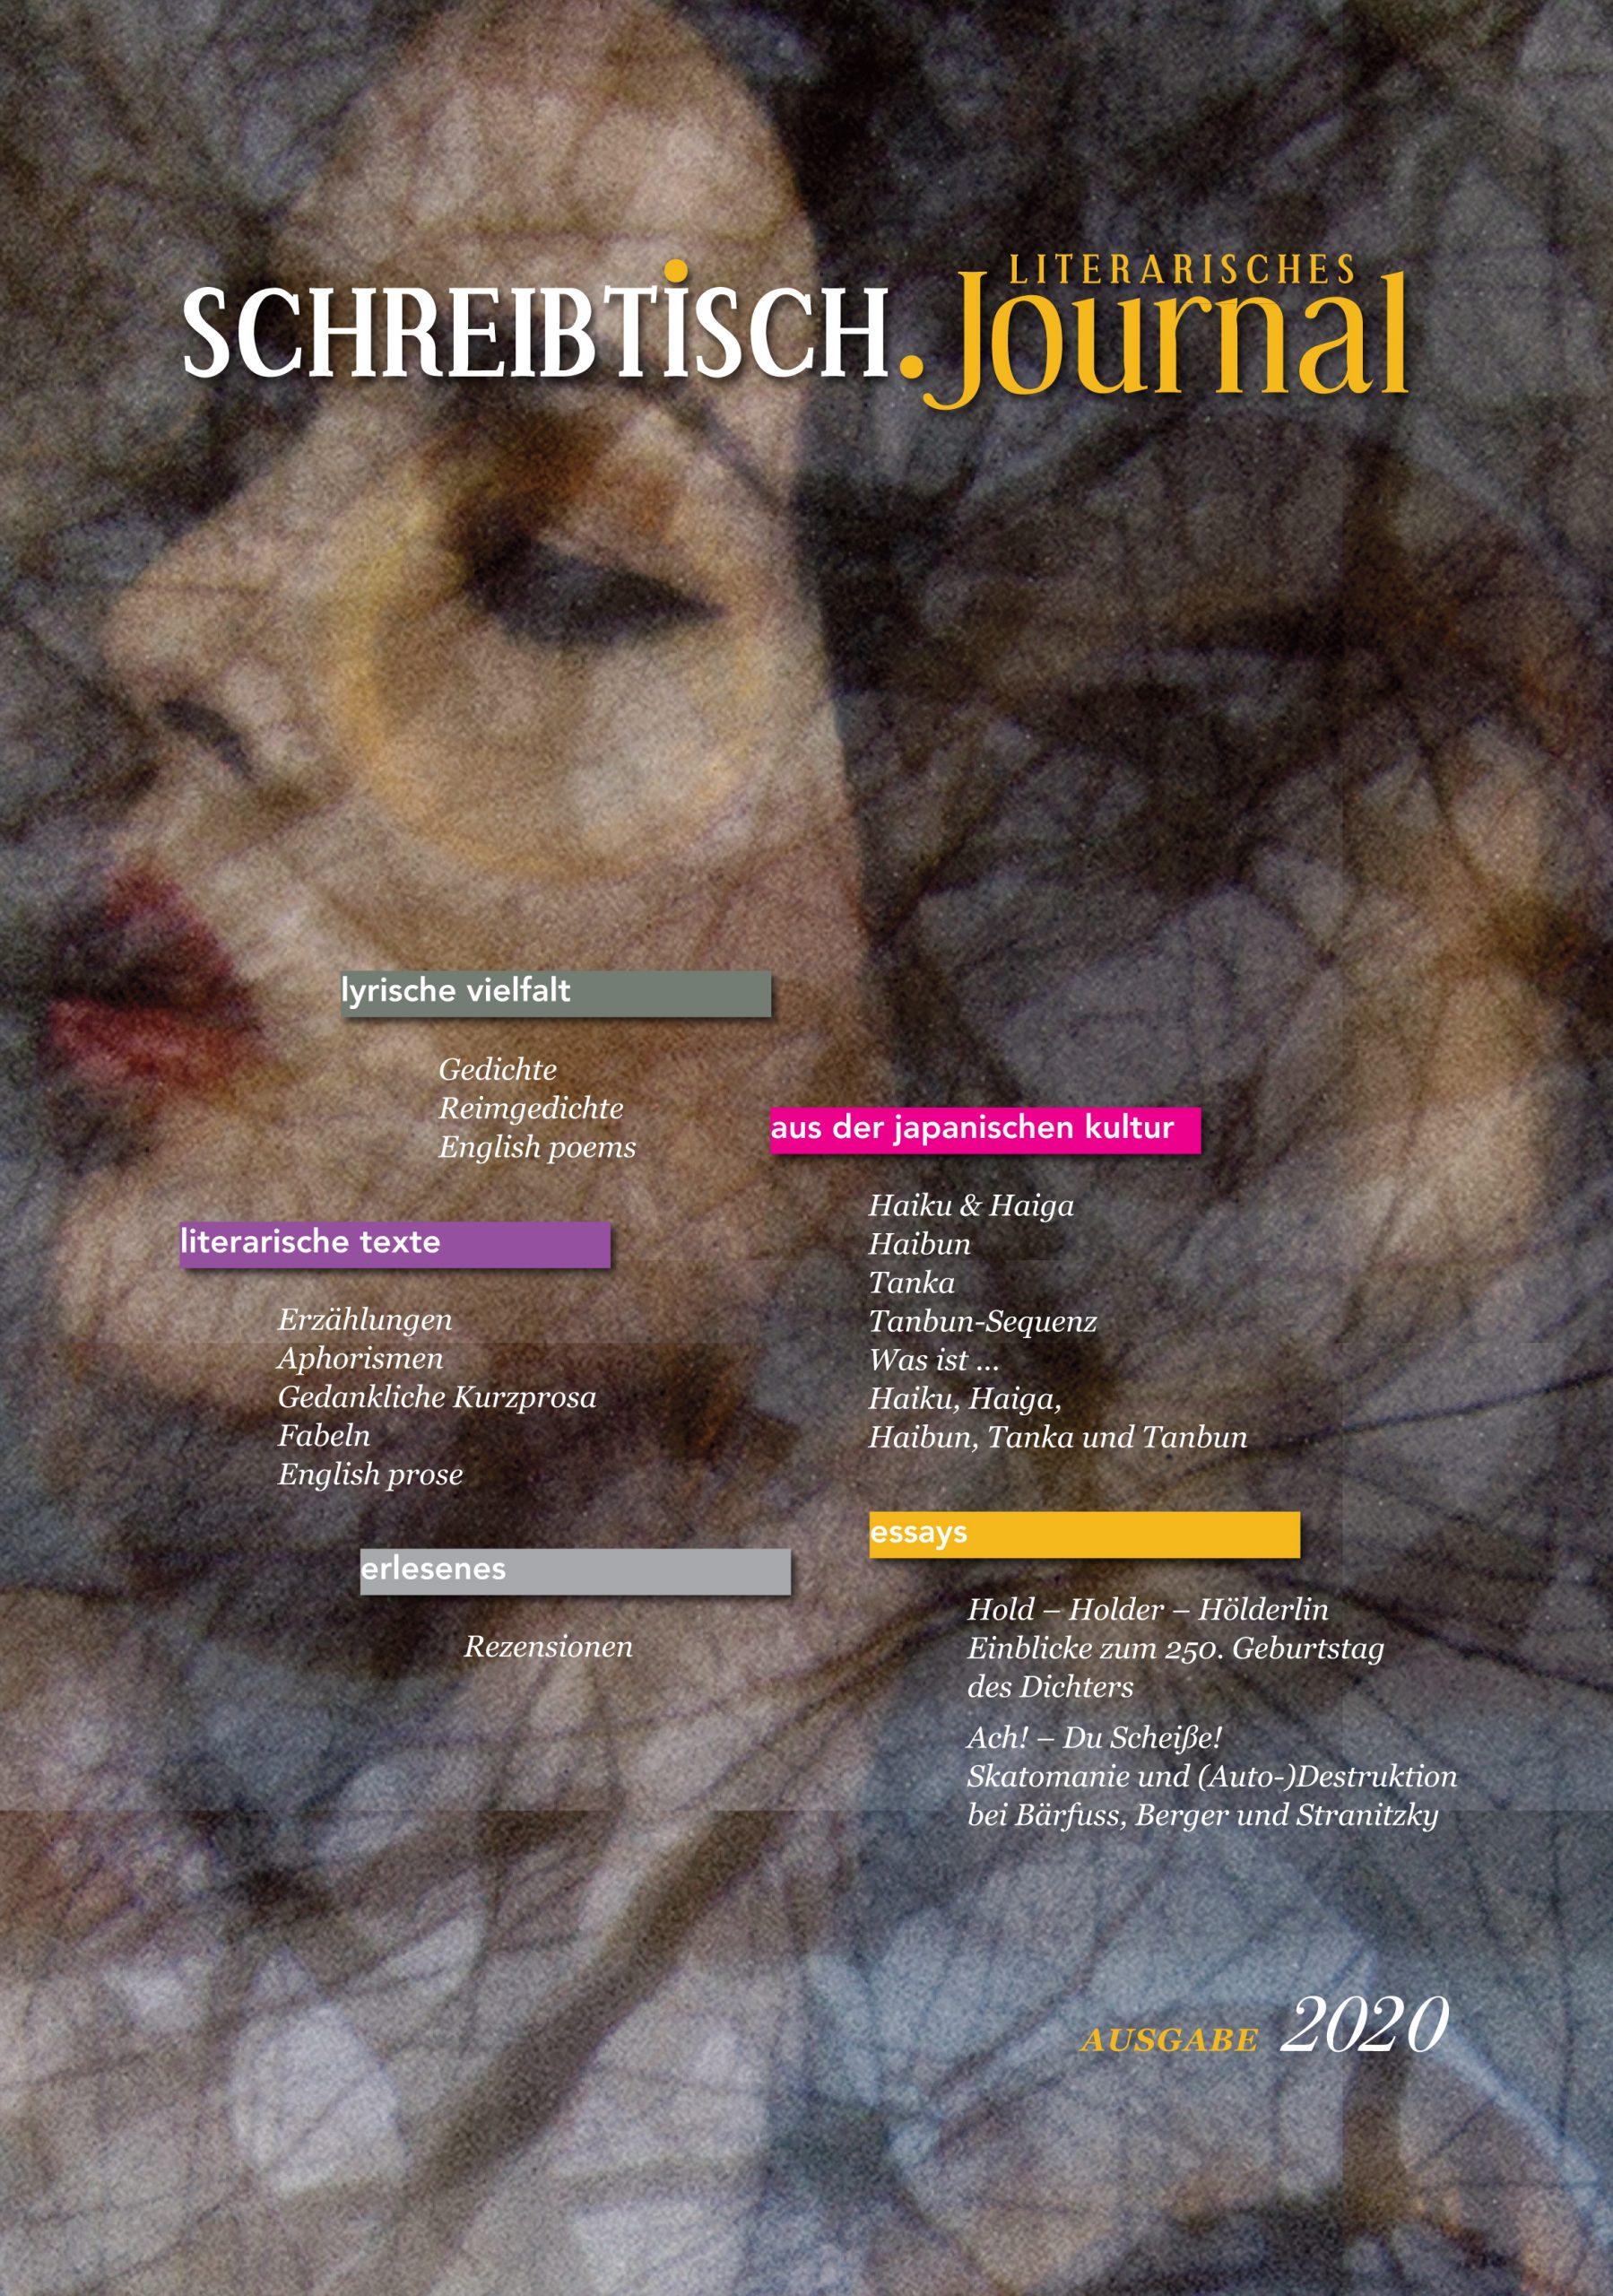 Frankfurter Buchmesse #fbm digital  - Vorstellung von SCHREIBTISCH. Literarisches Journal 2020